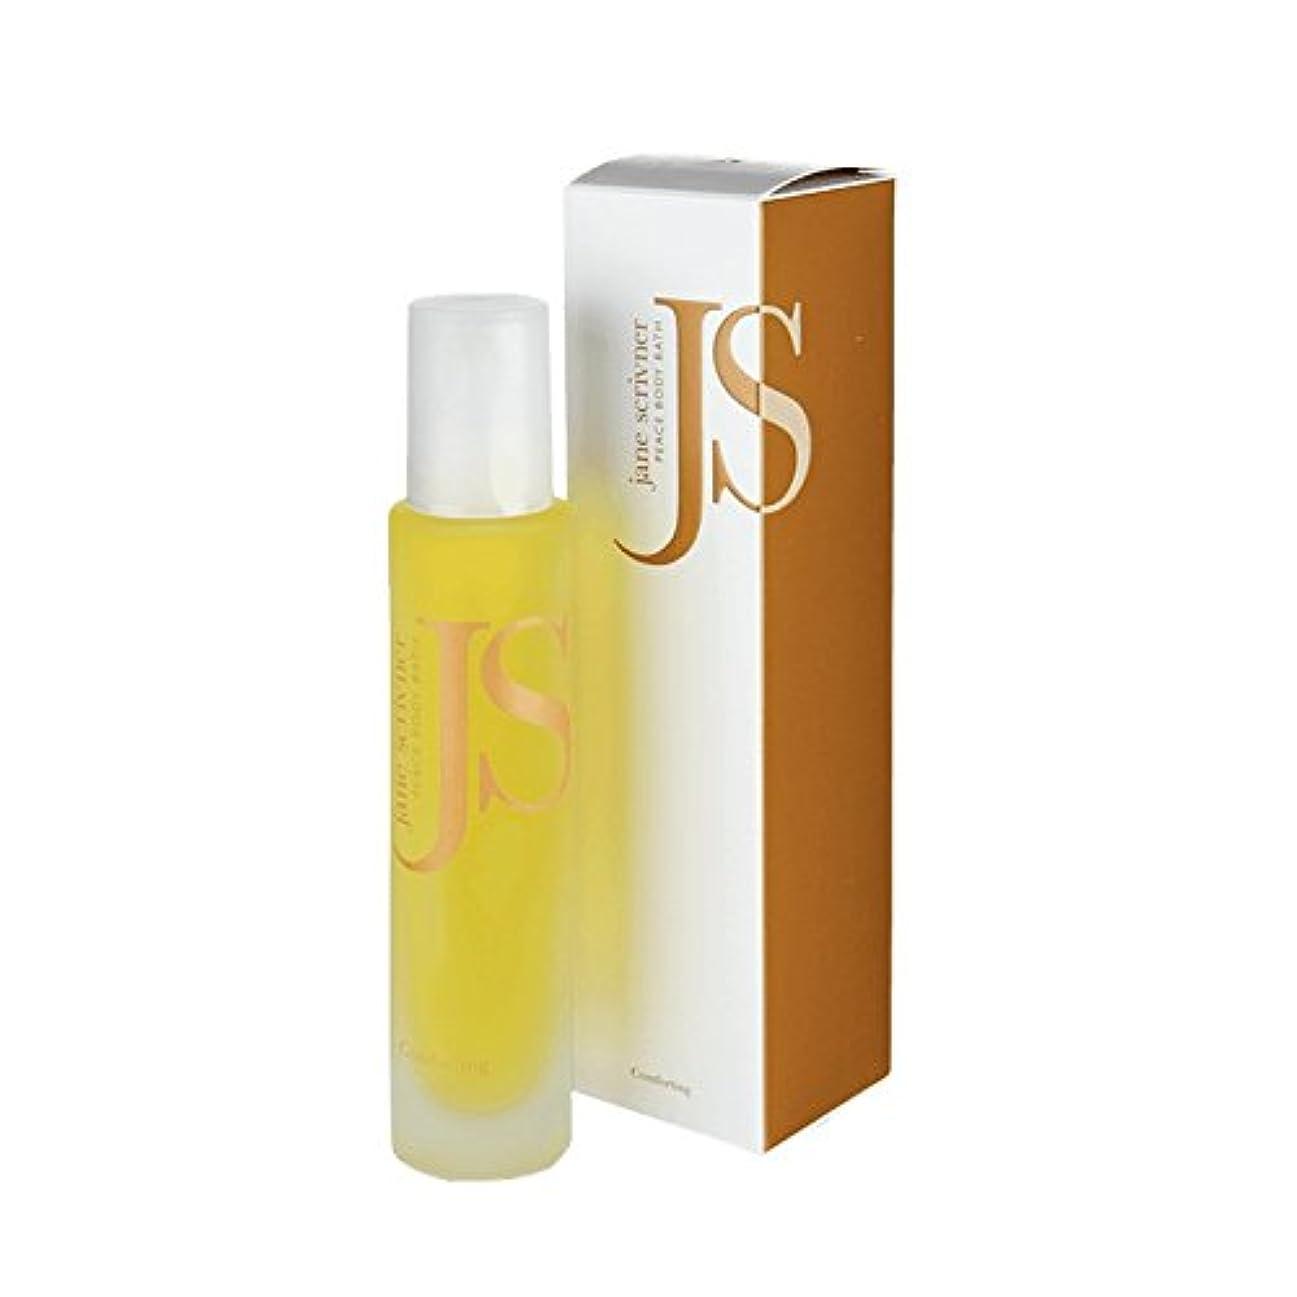 ミニチュア趣味政権Jane Scrivner Body Bath Oil Peace 100ml (Pack of 6) - ジェーンScrivnerボディバスオイル平和100ミリリットル (x6) [並行輸入品]